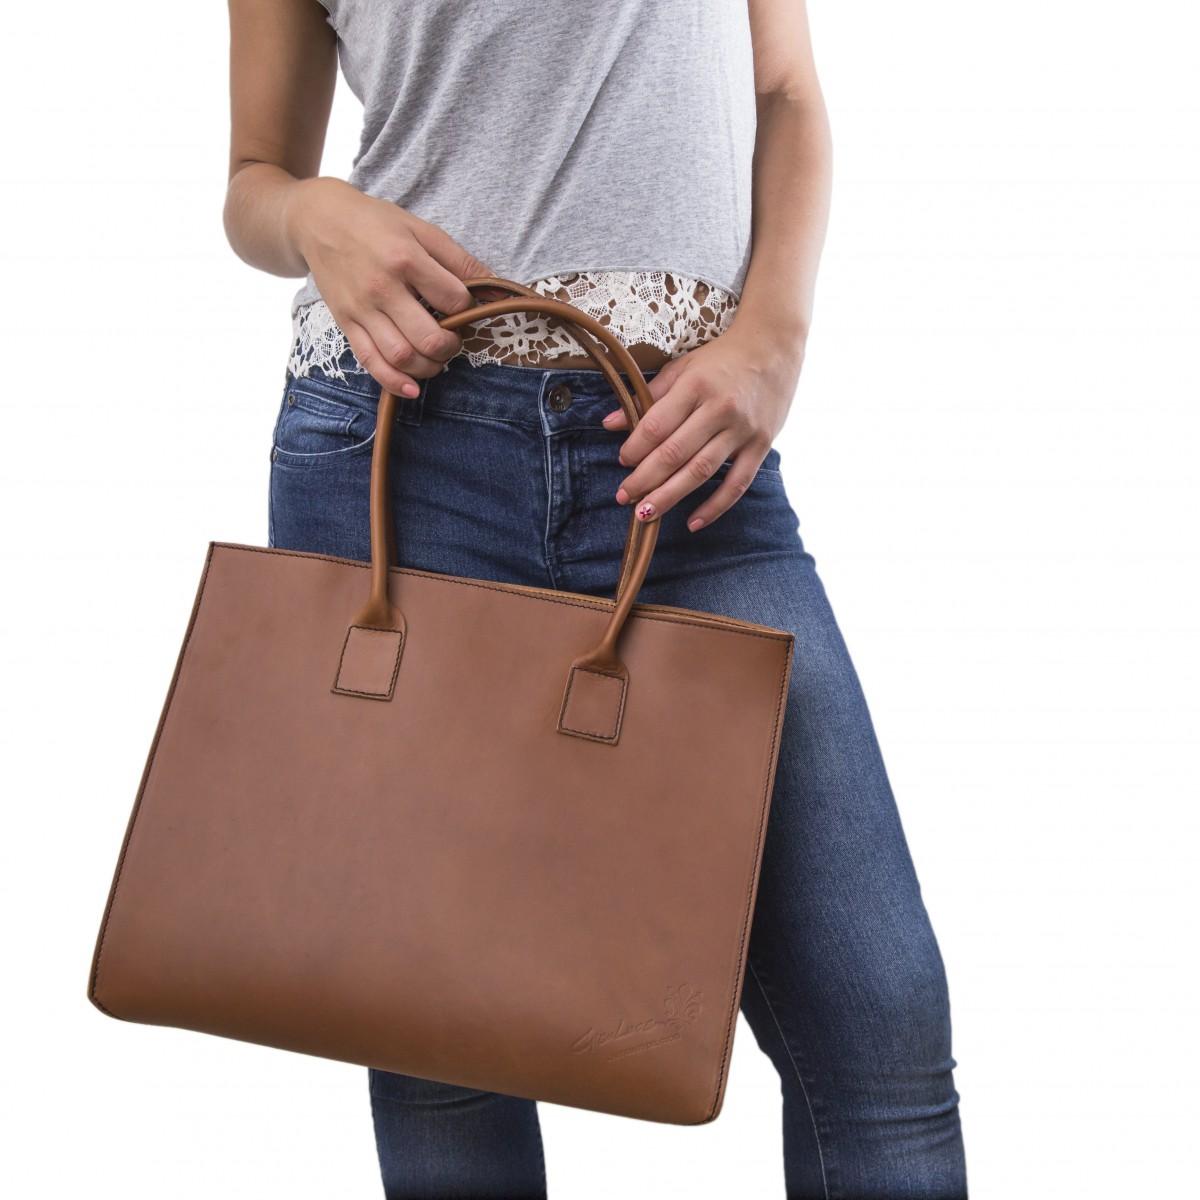 7ce30258f0d ... Bolso shopping de piel marrón claro hechos a mano ...